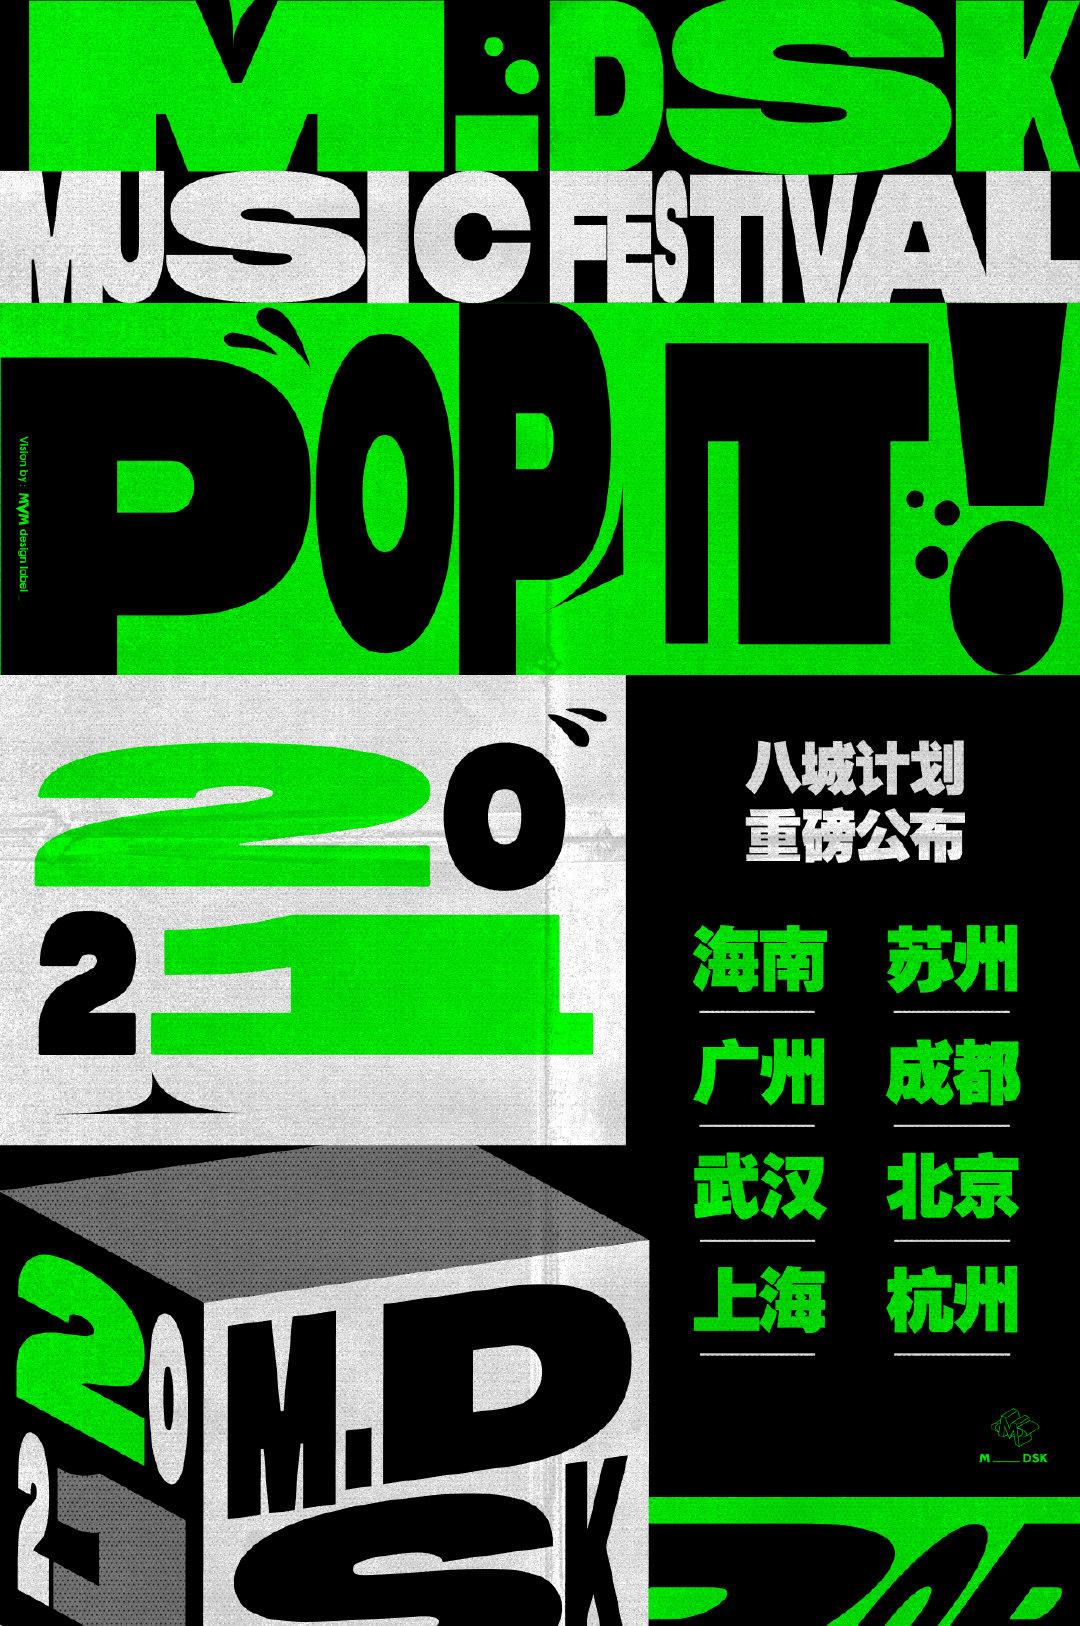 成都MDSK音乐节